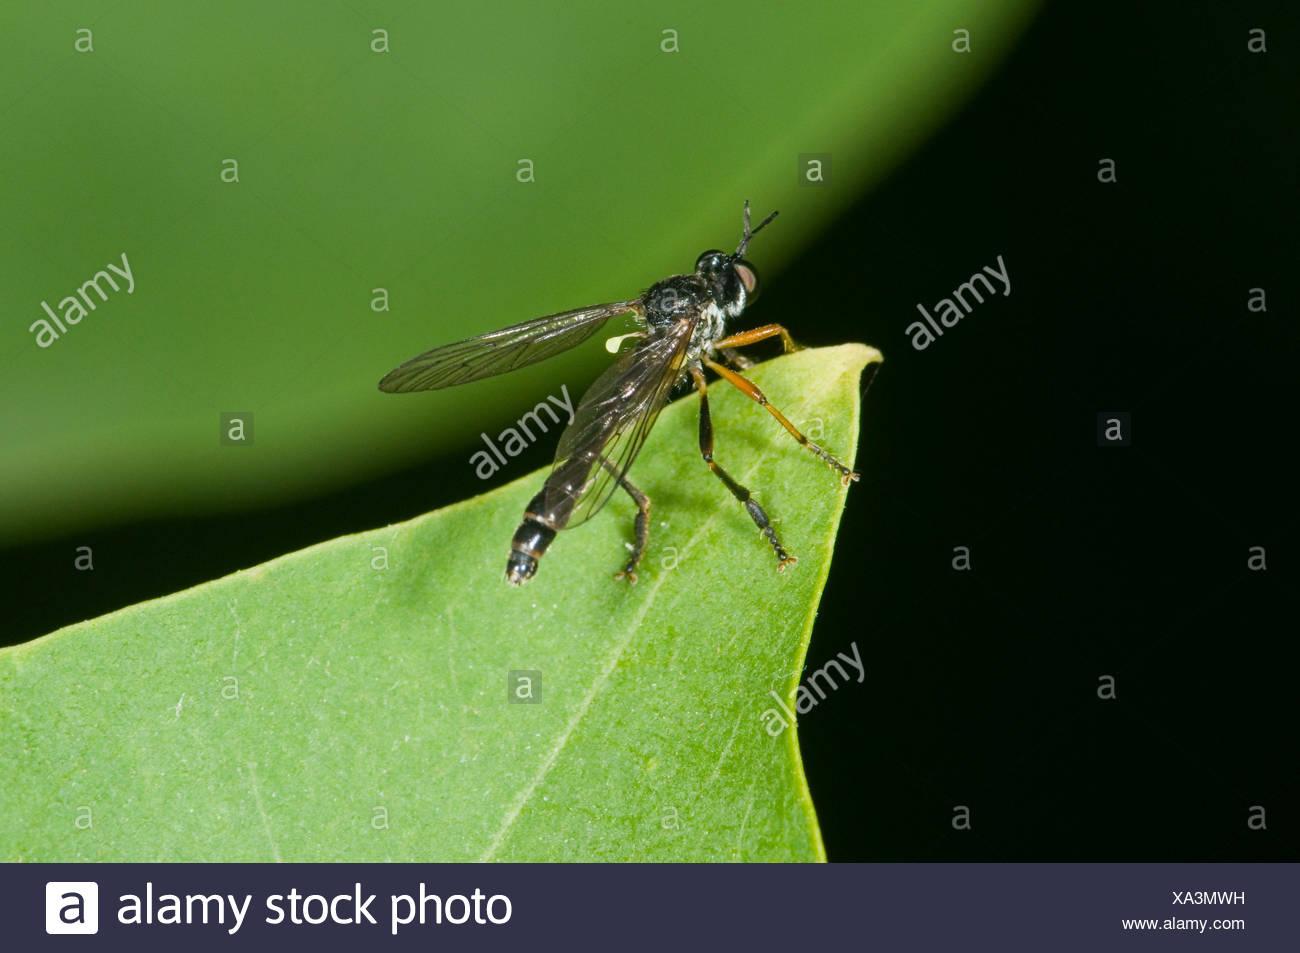 seitliche Nahaufnahme einer Raubfliege (Dioctria linearis) auf einer Blatt-Spitze sitzend vor unscharfen grünen Hintergrund - Stock Image